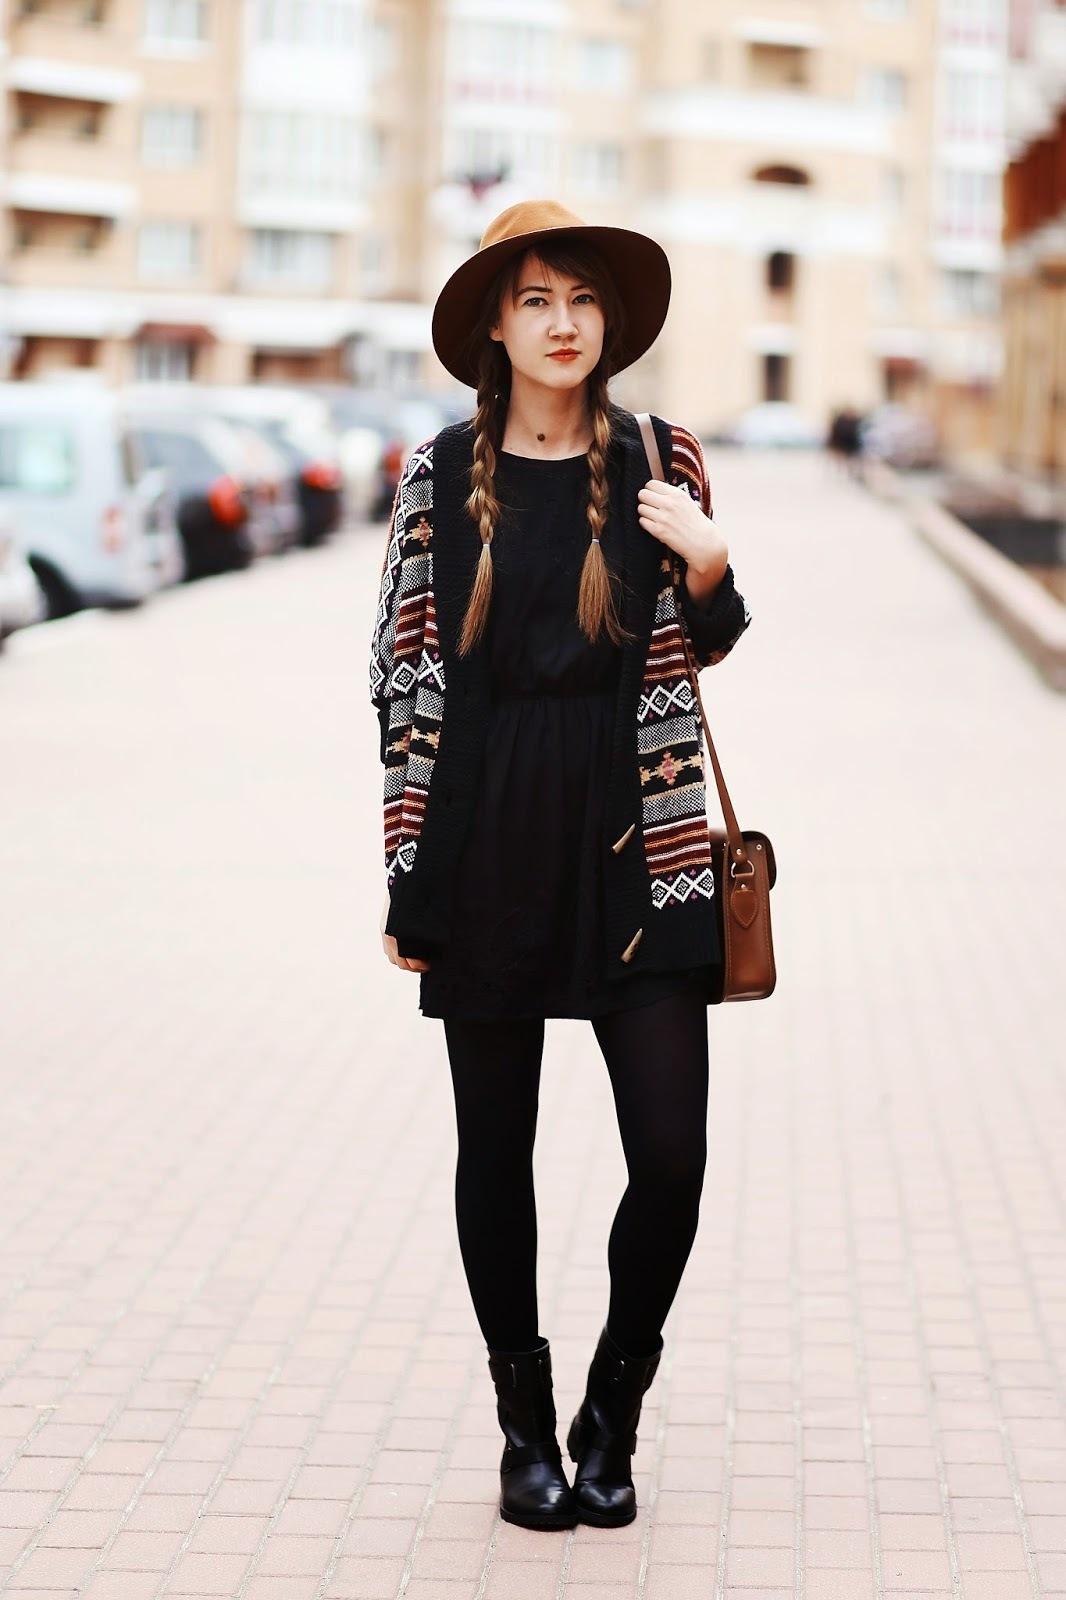 Combinar vestido negro con botas